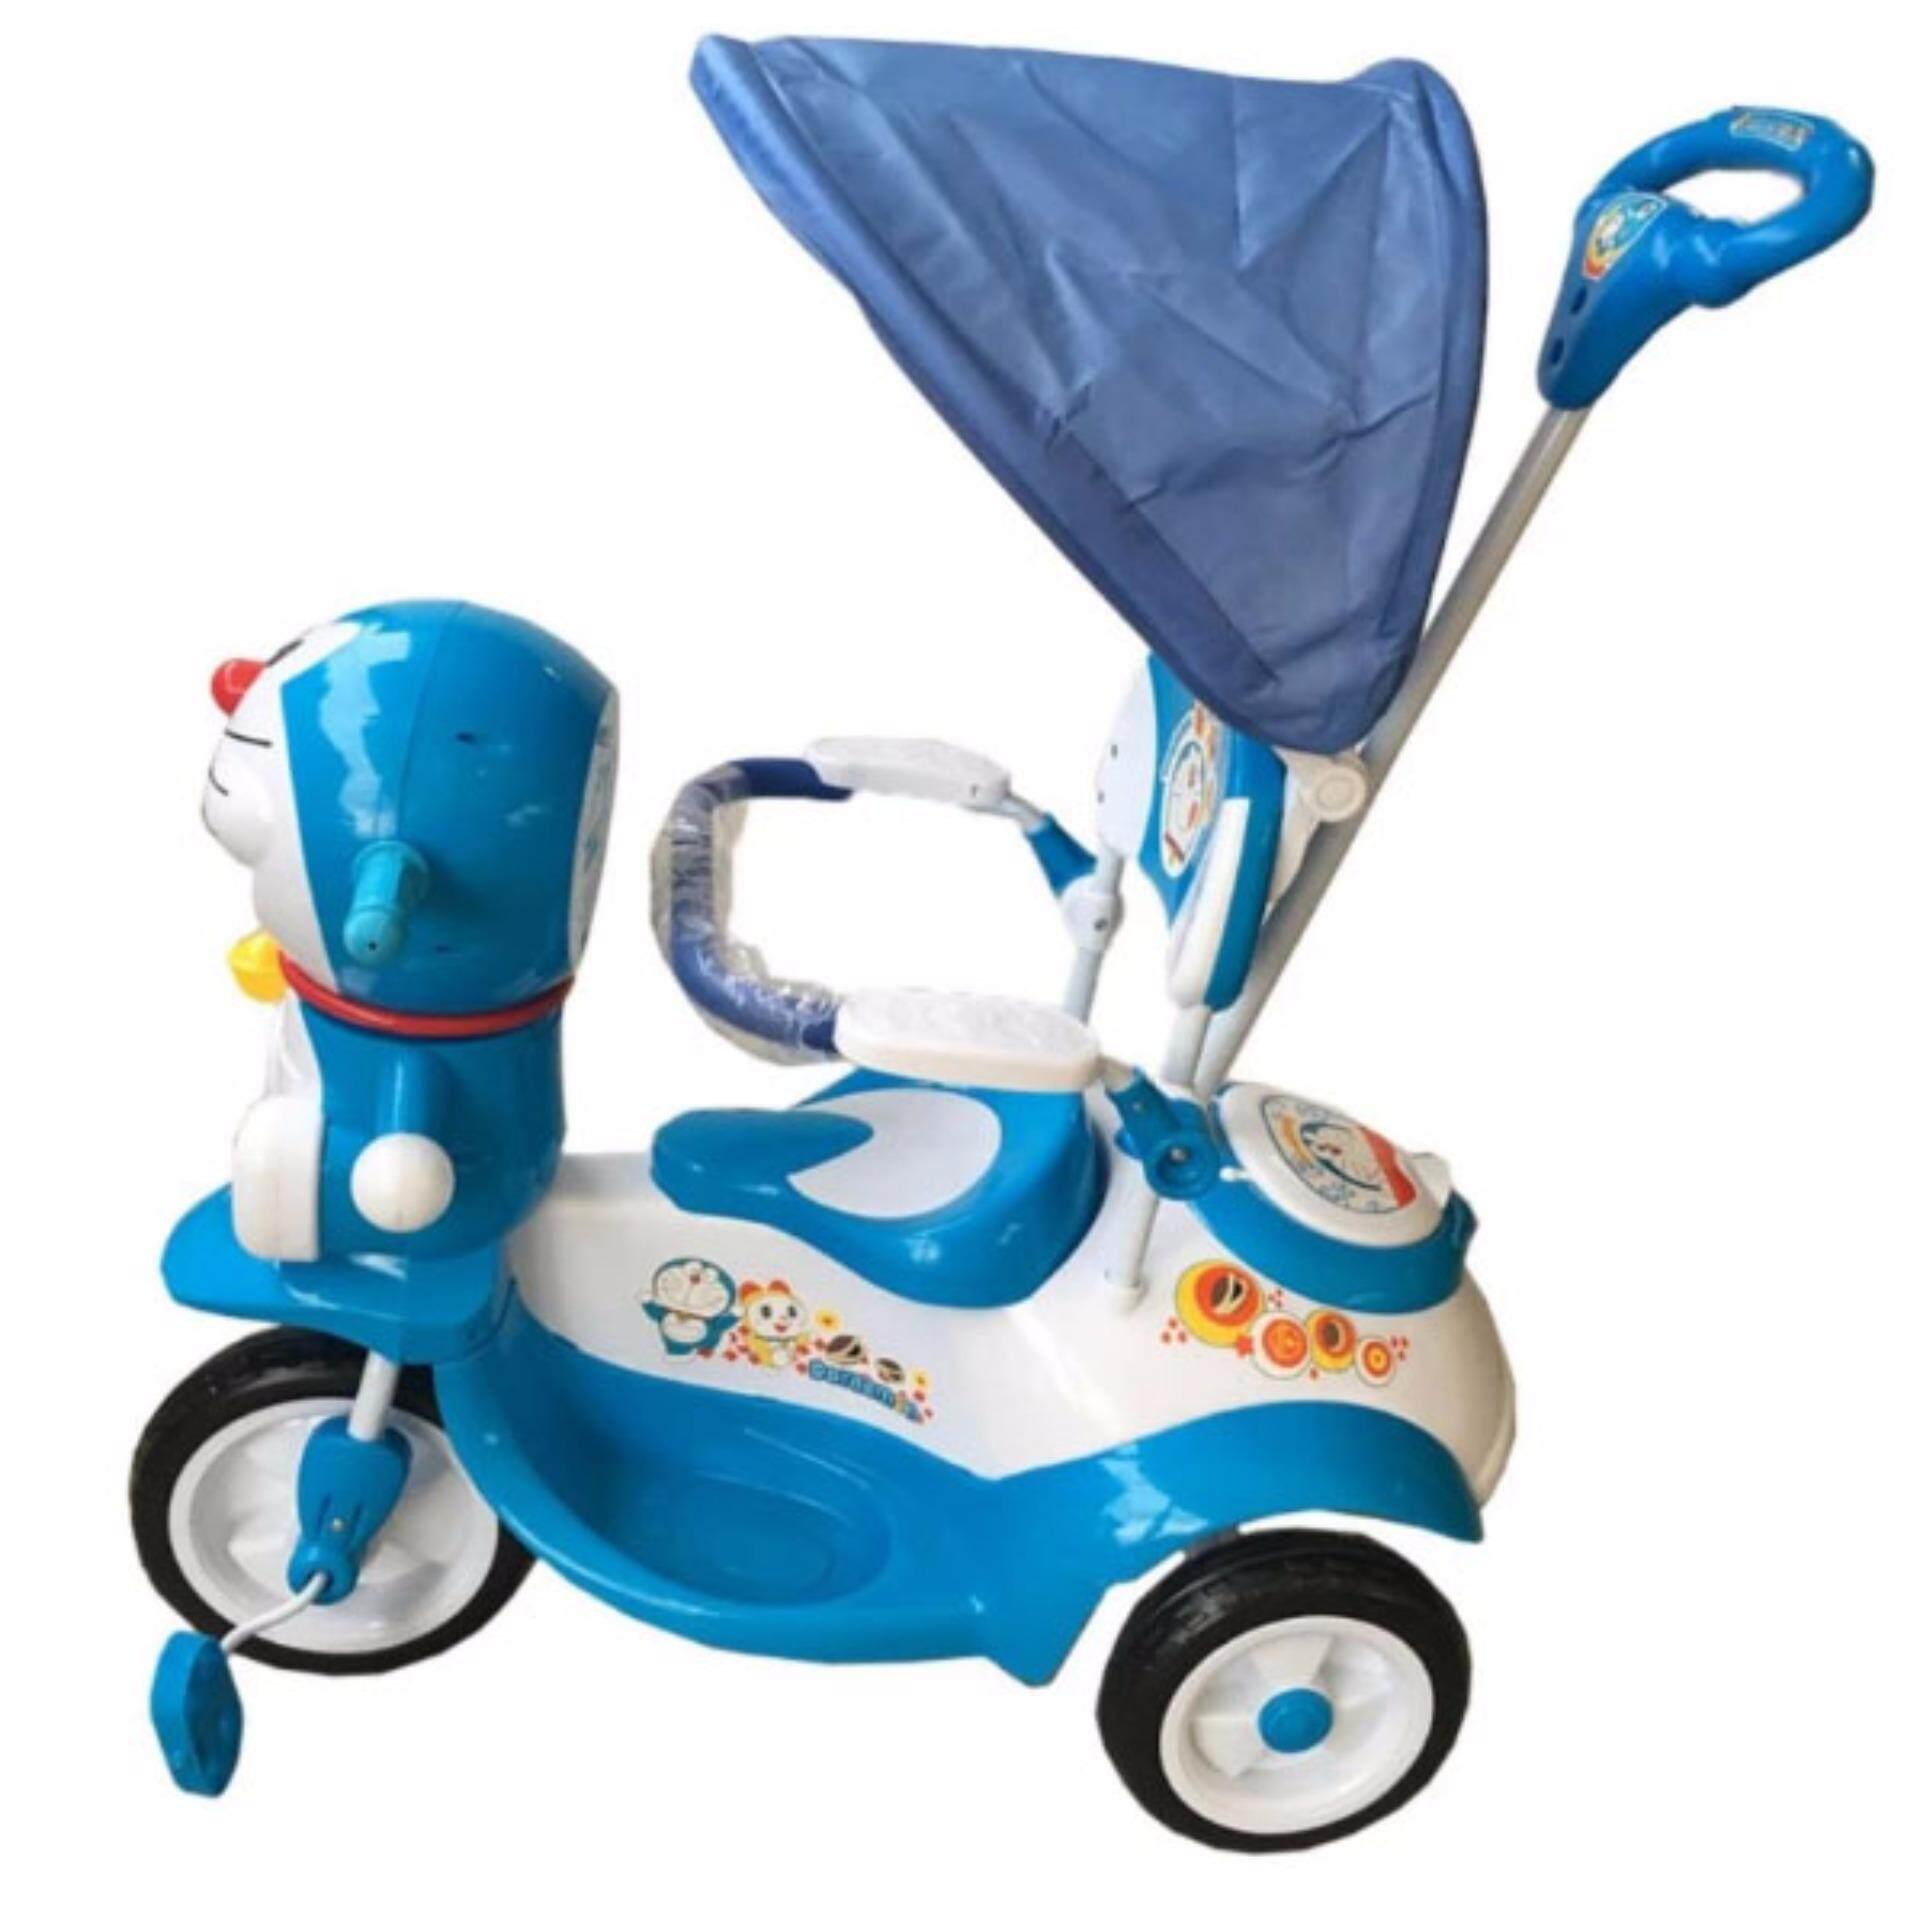 คูปองส่วนลดเมื่อซื้อ Unbranded/Generic รถเข็นเด็กแบบนอน รถเข็นเด็กราคาถูก รถเข็นก้านร่ม รถเข็นเด็กอ่อน มี มอก ราคาพิเศษมากมาย ส่งไว ส่งฟรี สั่งได้เลย ขายถูกที่สุดแล้ว